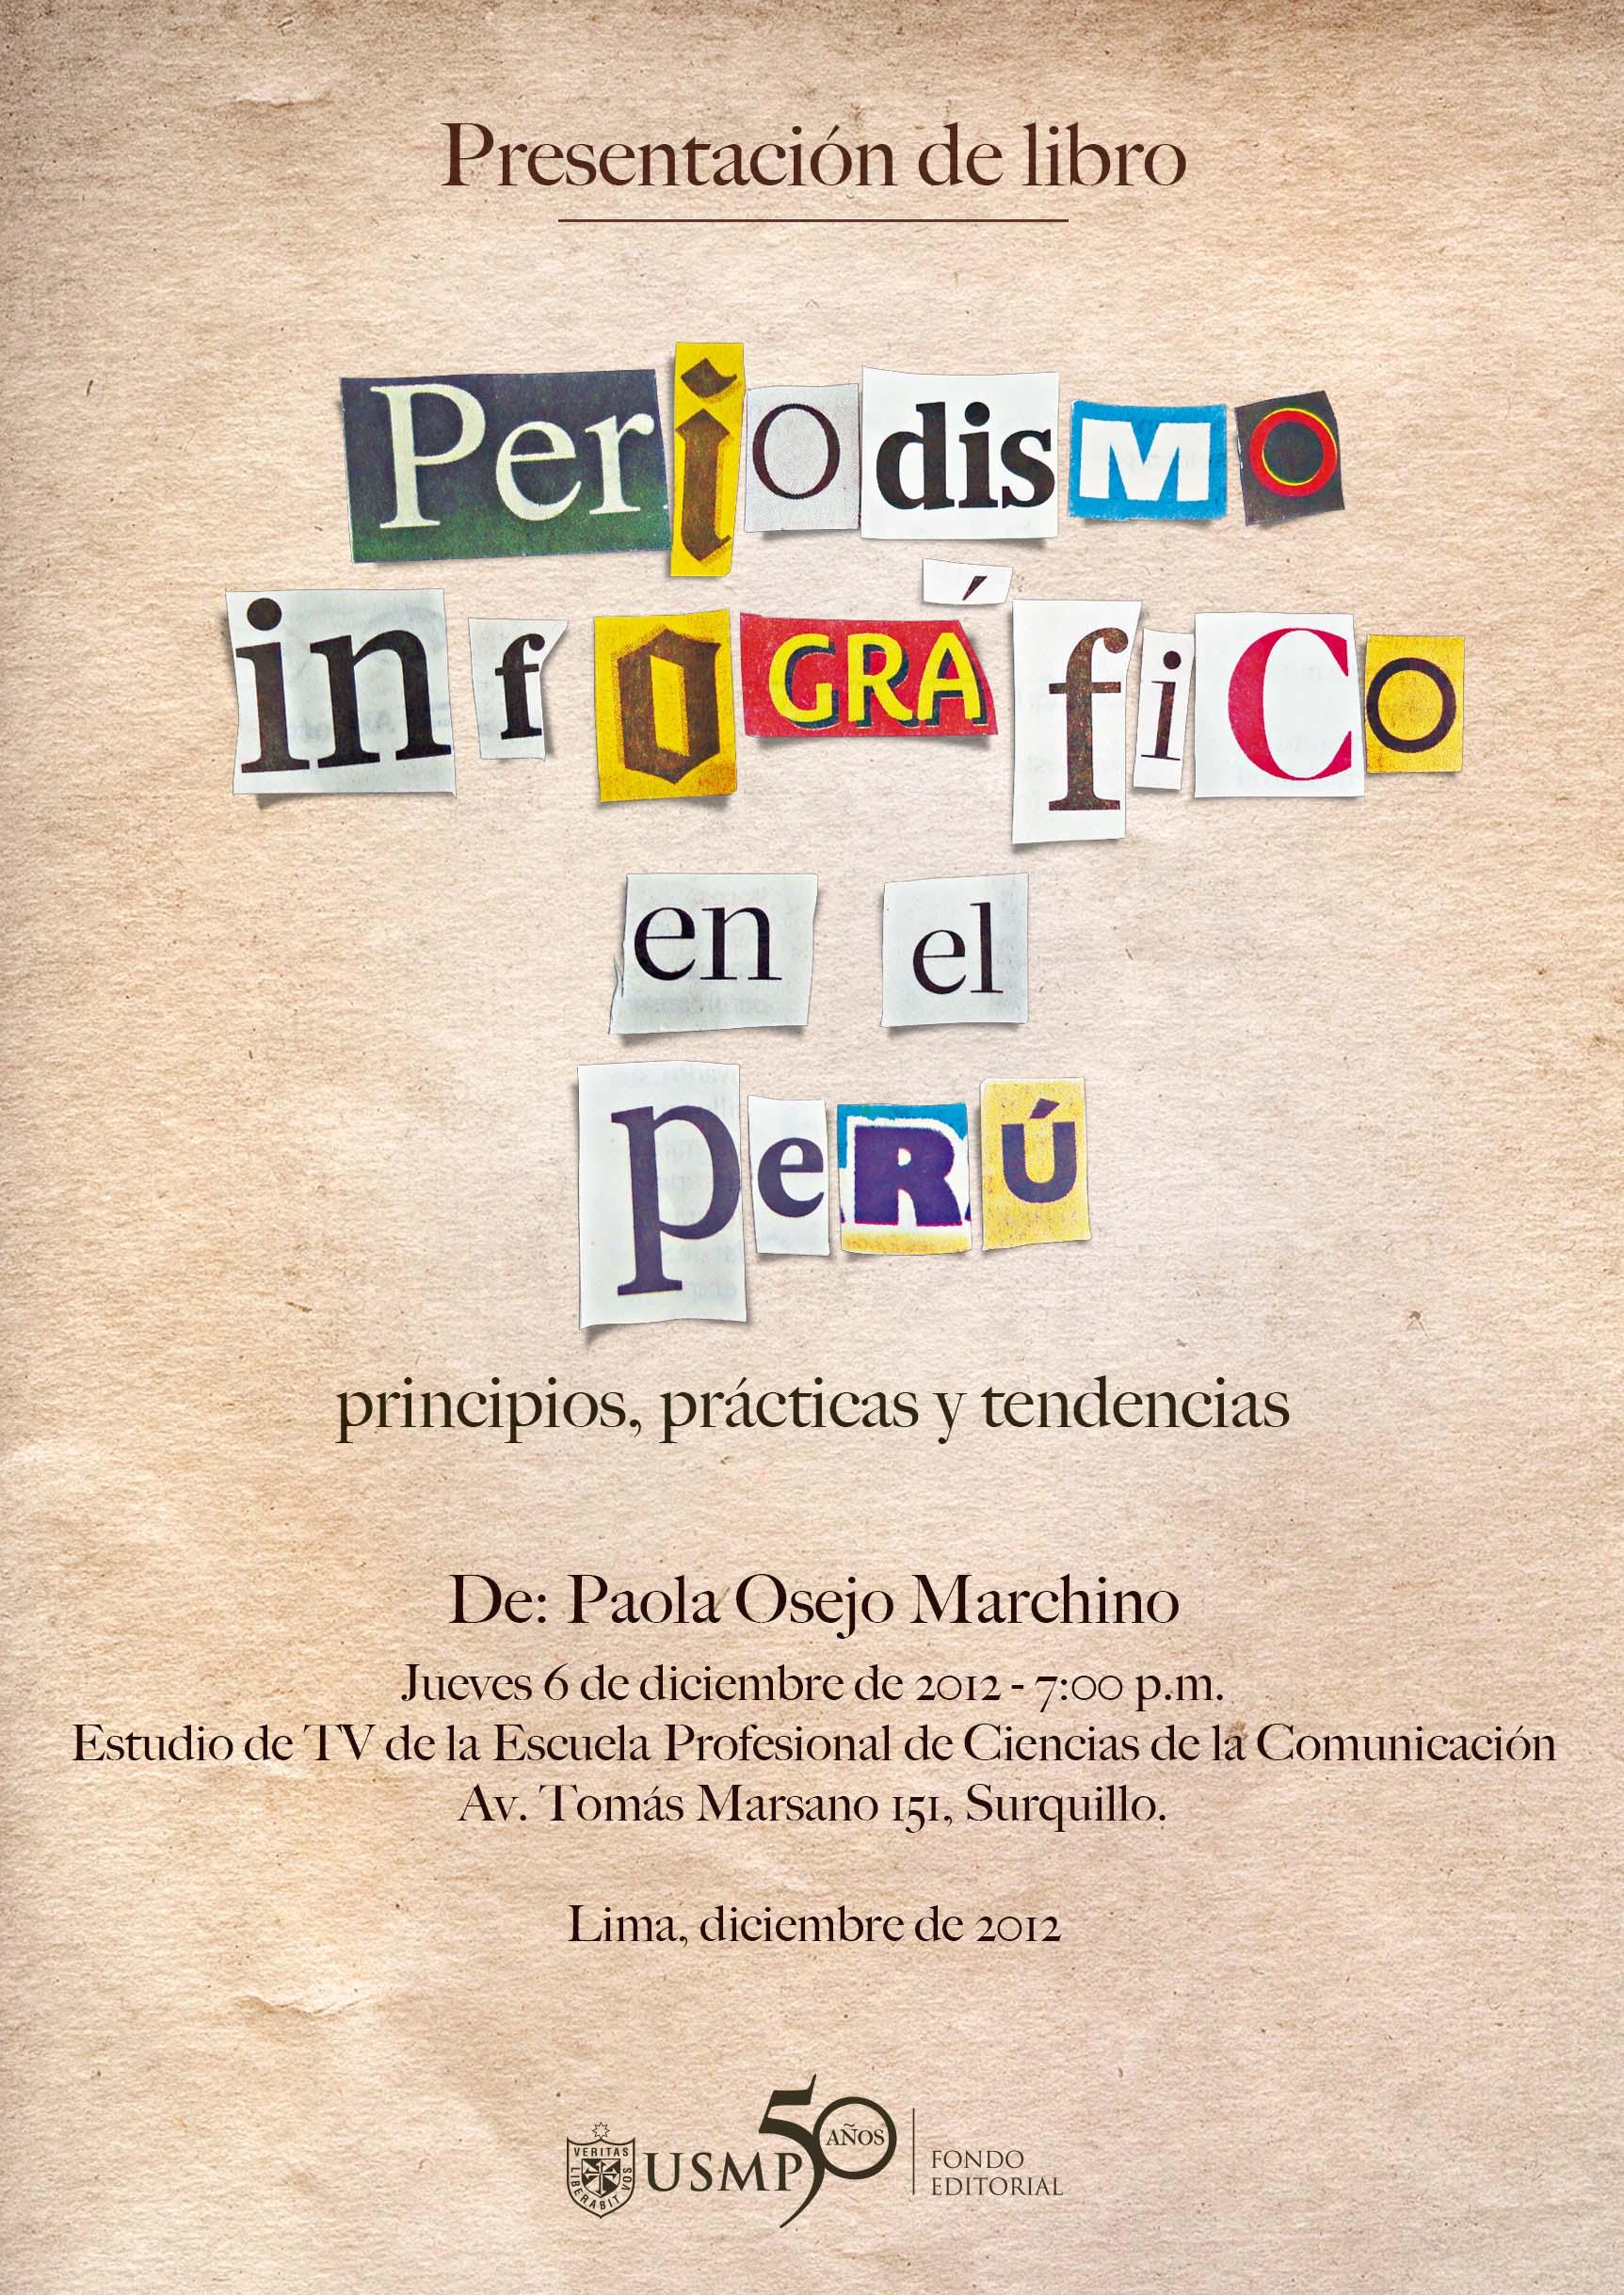 INVITACION - PRESENTACION DE LIBRO PERIODISMO INFOGRAFICO EN EL PERU (para web)